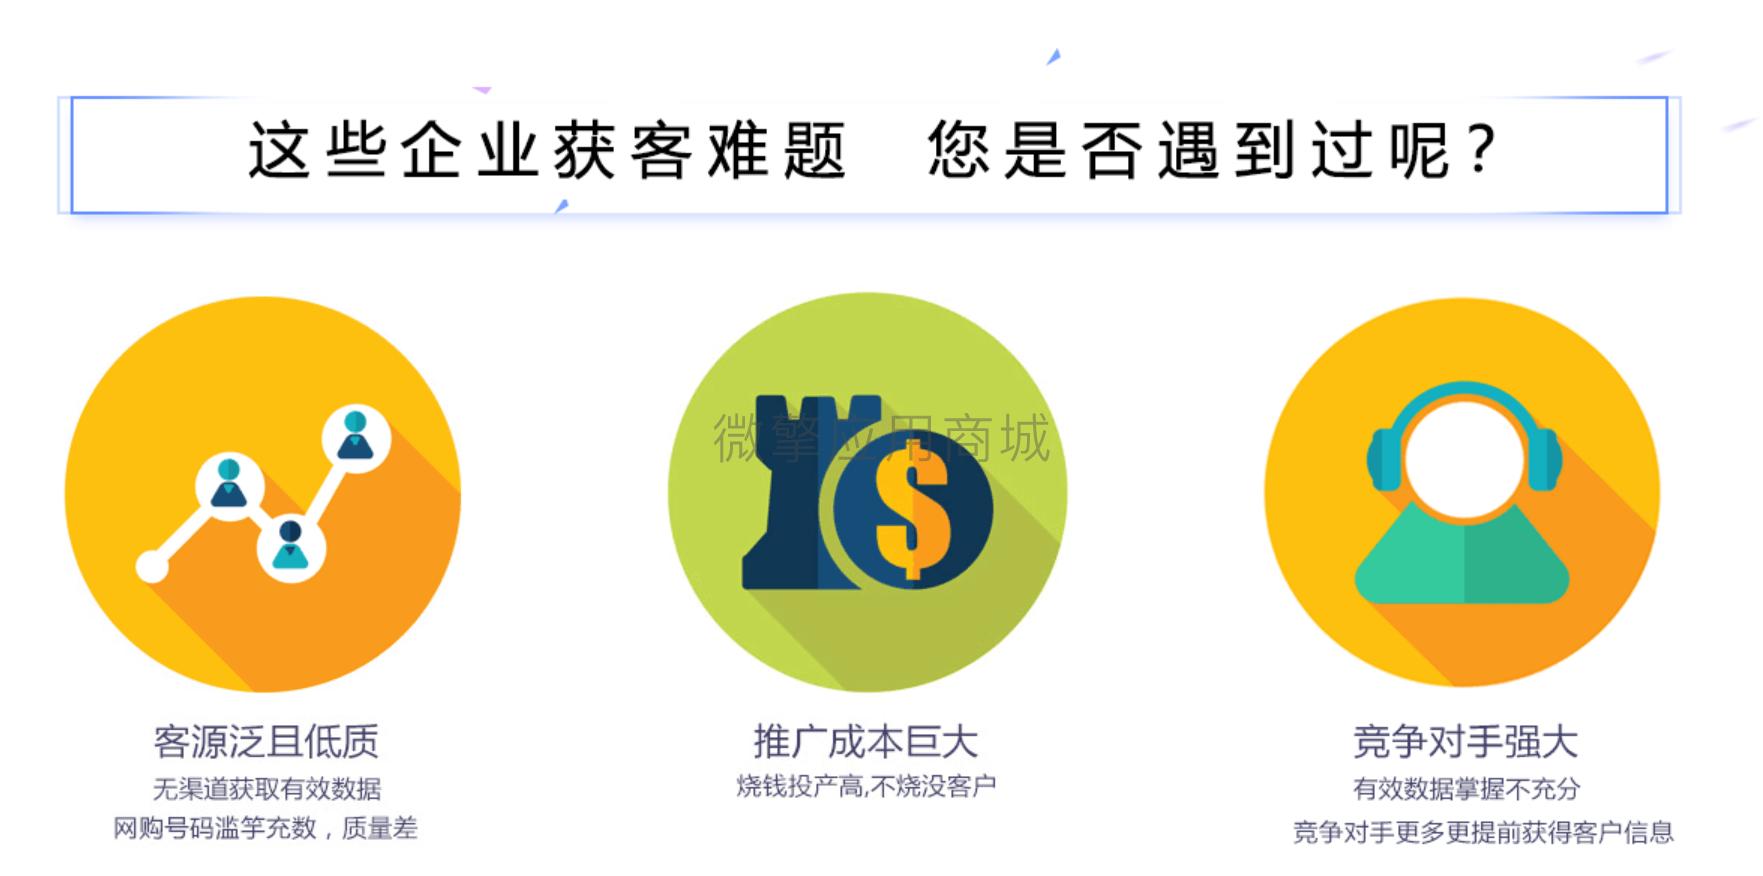 微信应用 沃商通大数据营销平台 wst_dashuju 2.4.2